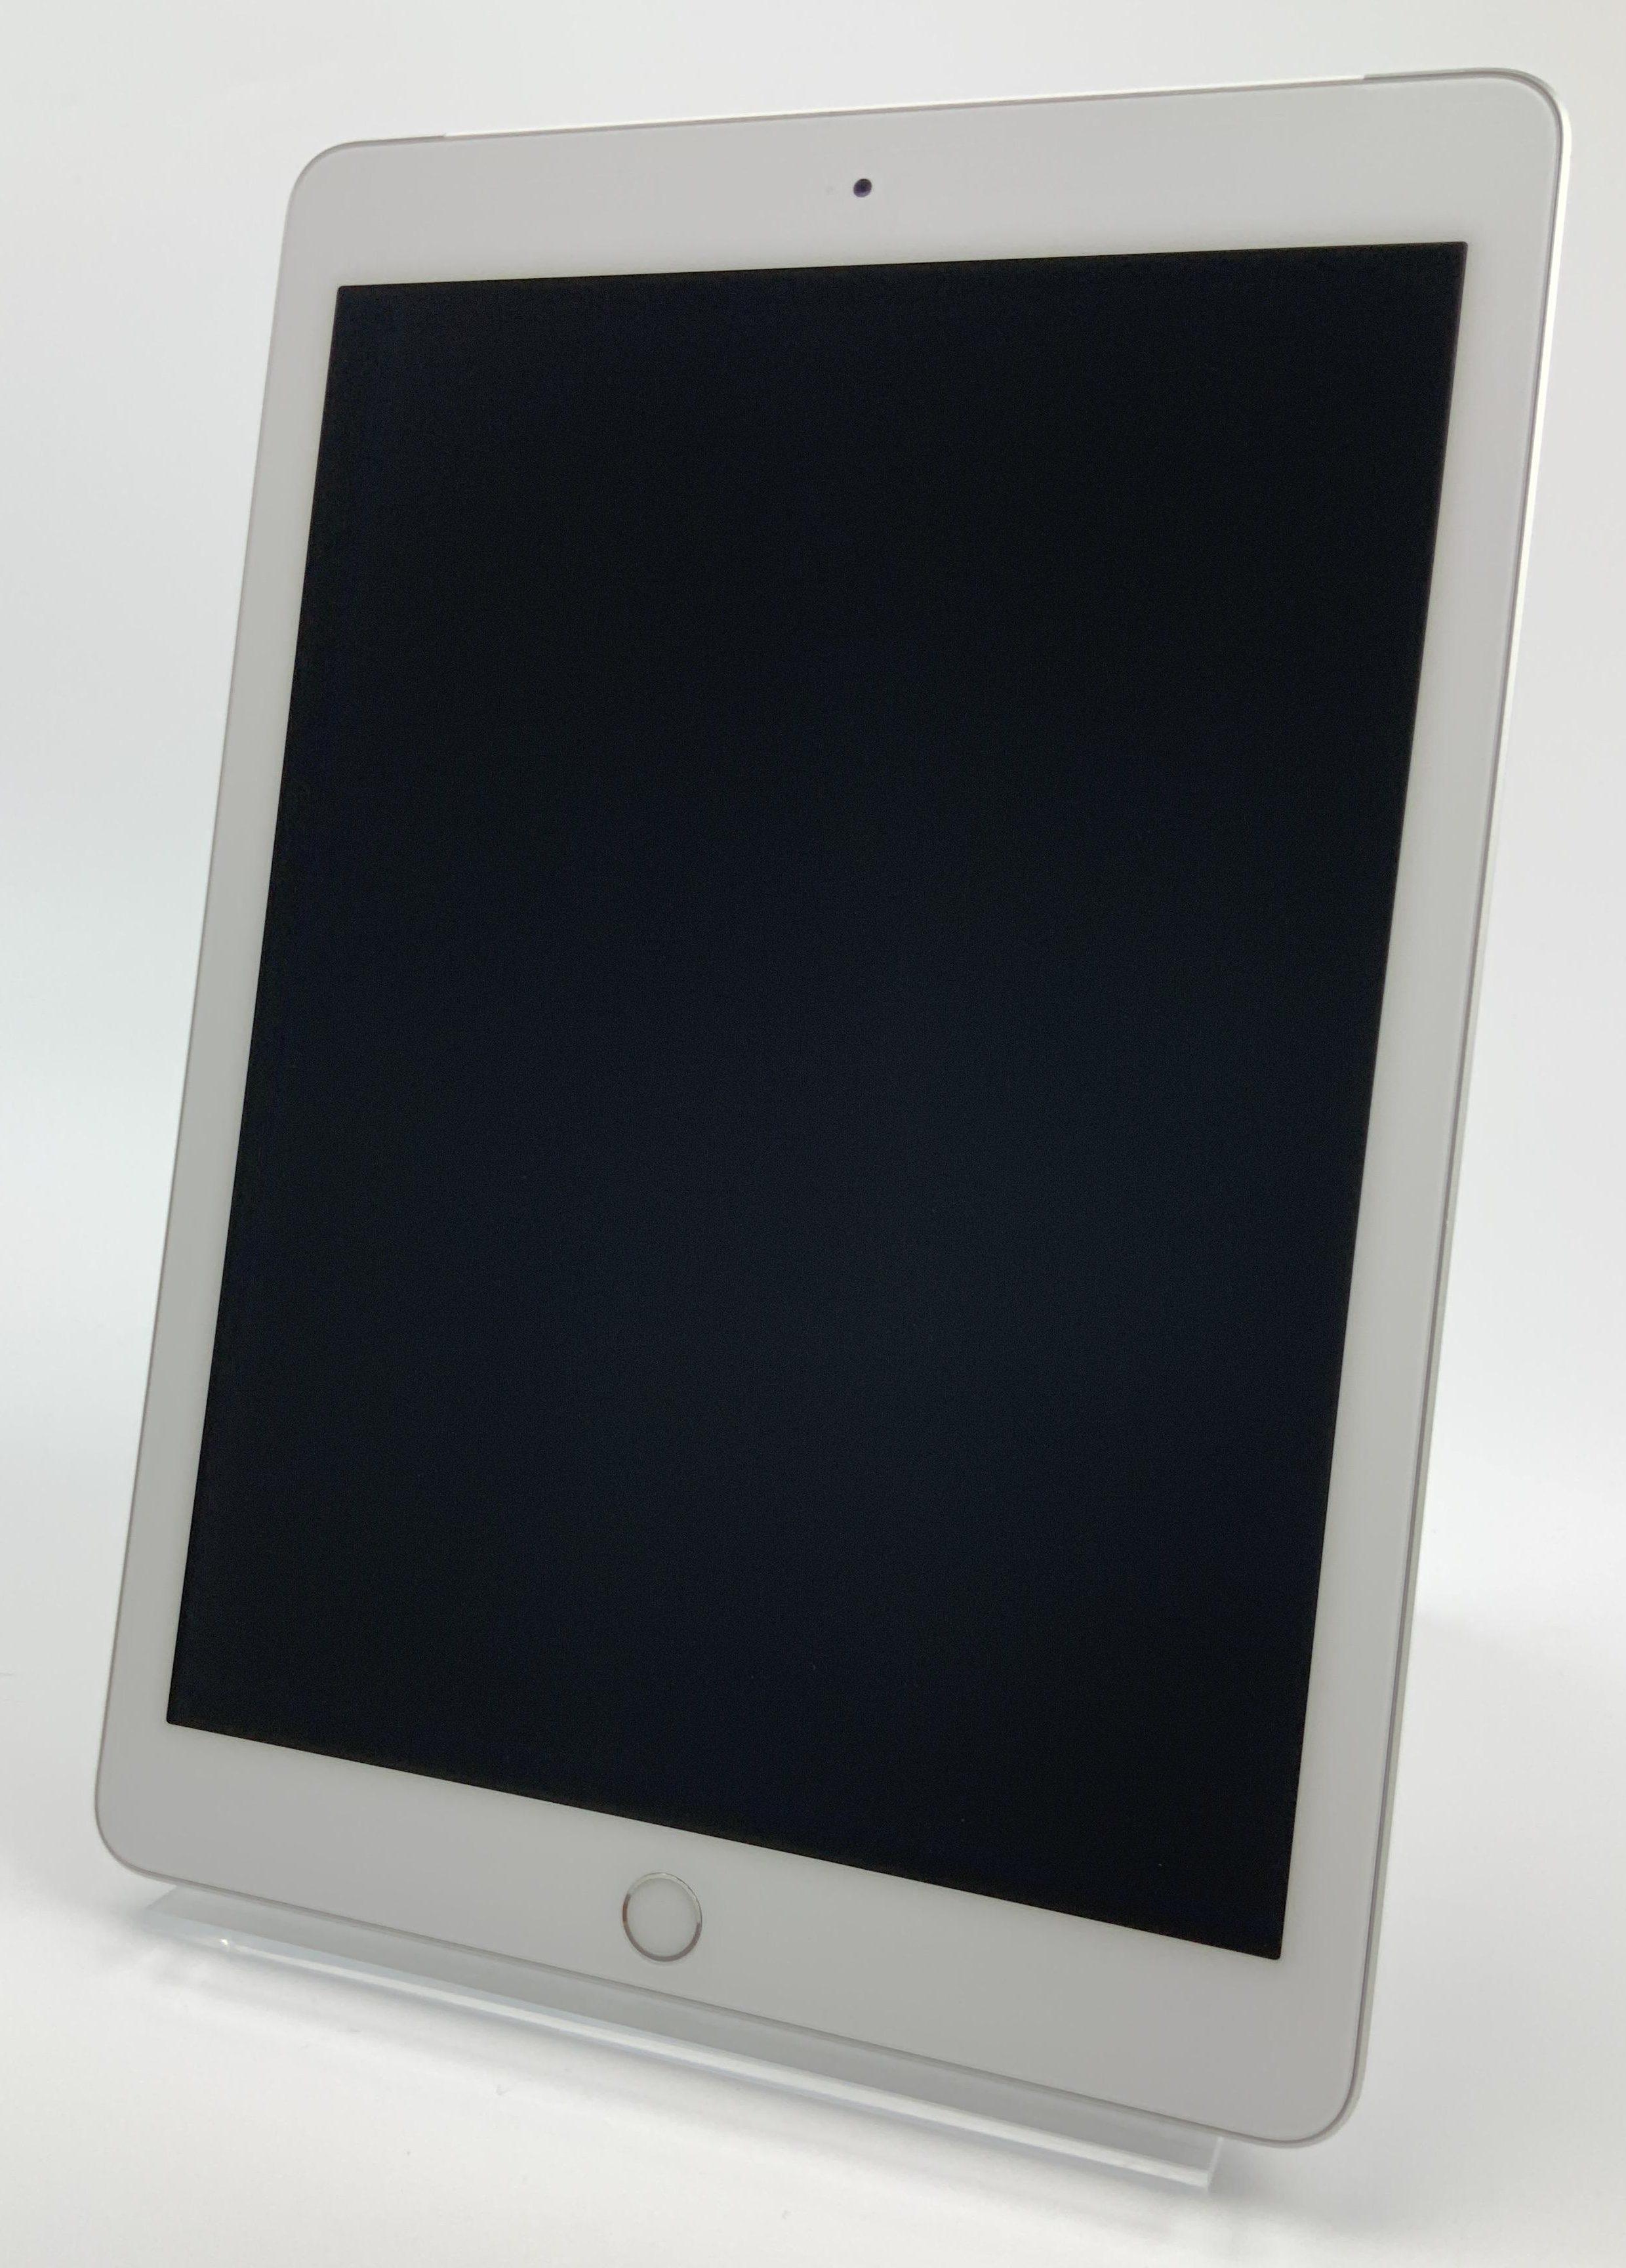 iPad 6 Wi-Fi + Cellular 128GB, 128GB, Silver, image 1